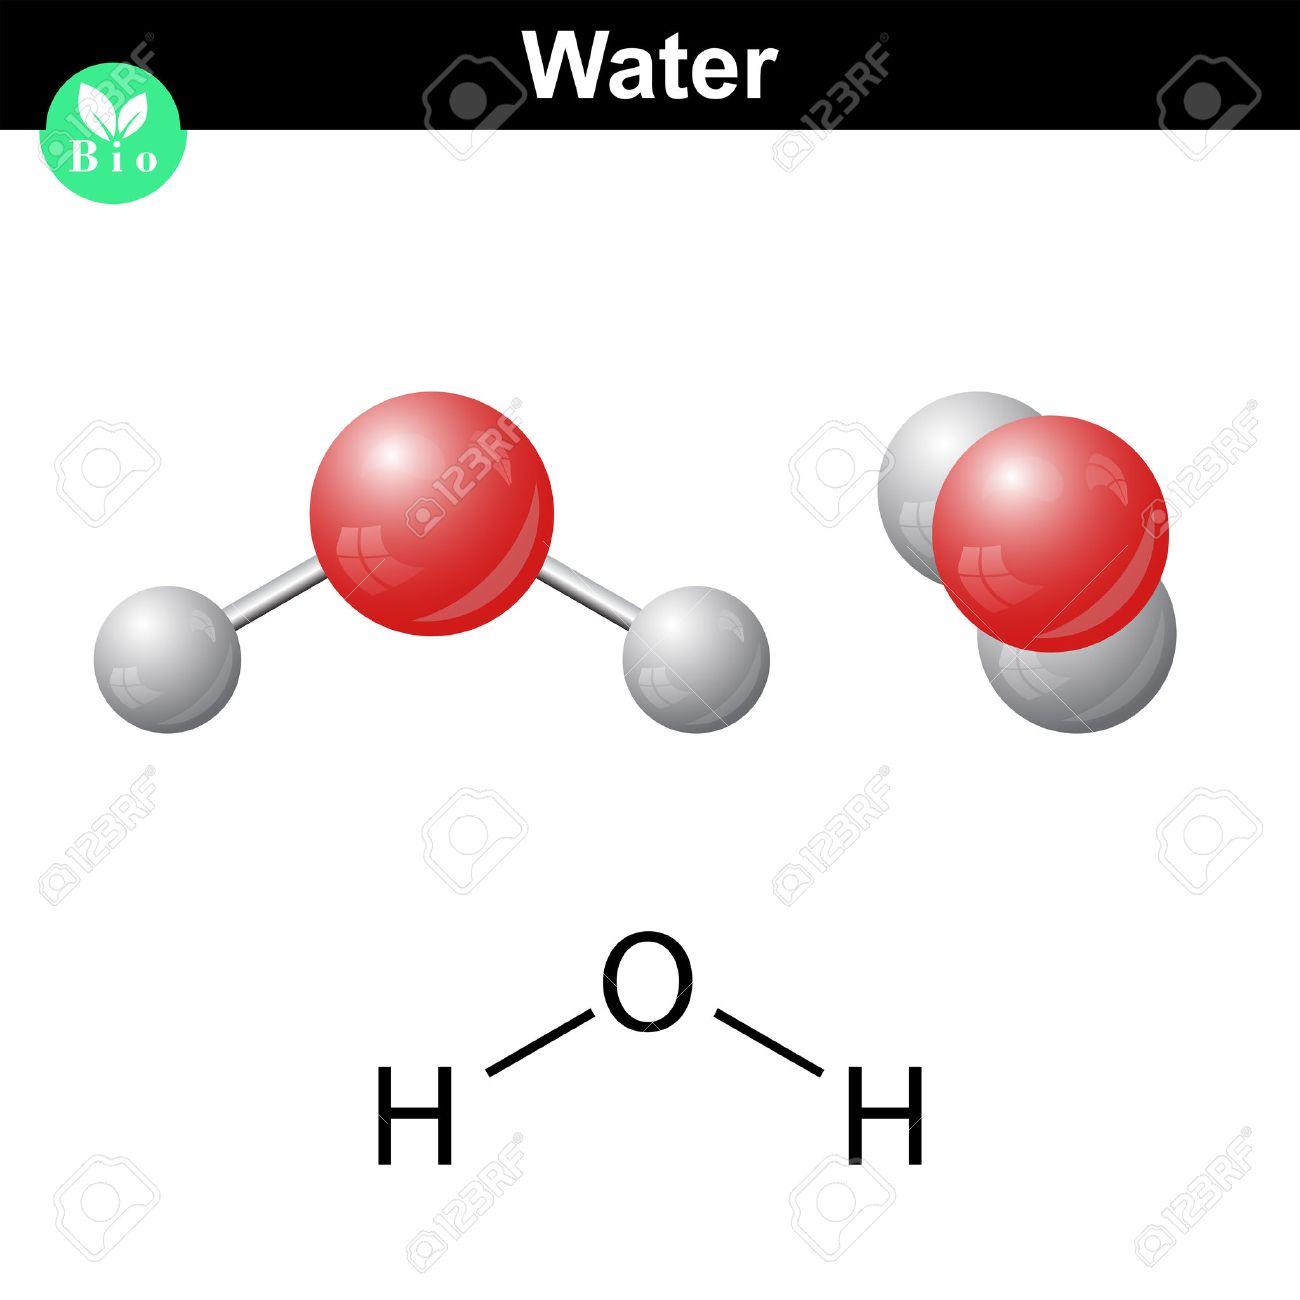 Compuesto Natural De Agua Mineral Ilustración Vectorial 2d Y 3d De La Estructura Molecular Del Agua Aislado En El Fondo Blanco